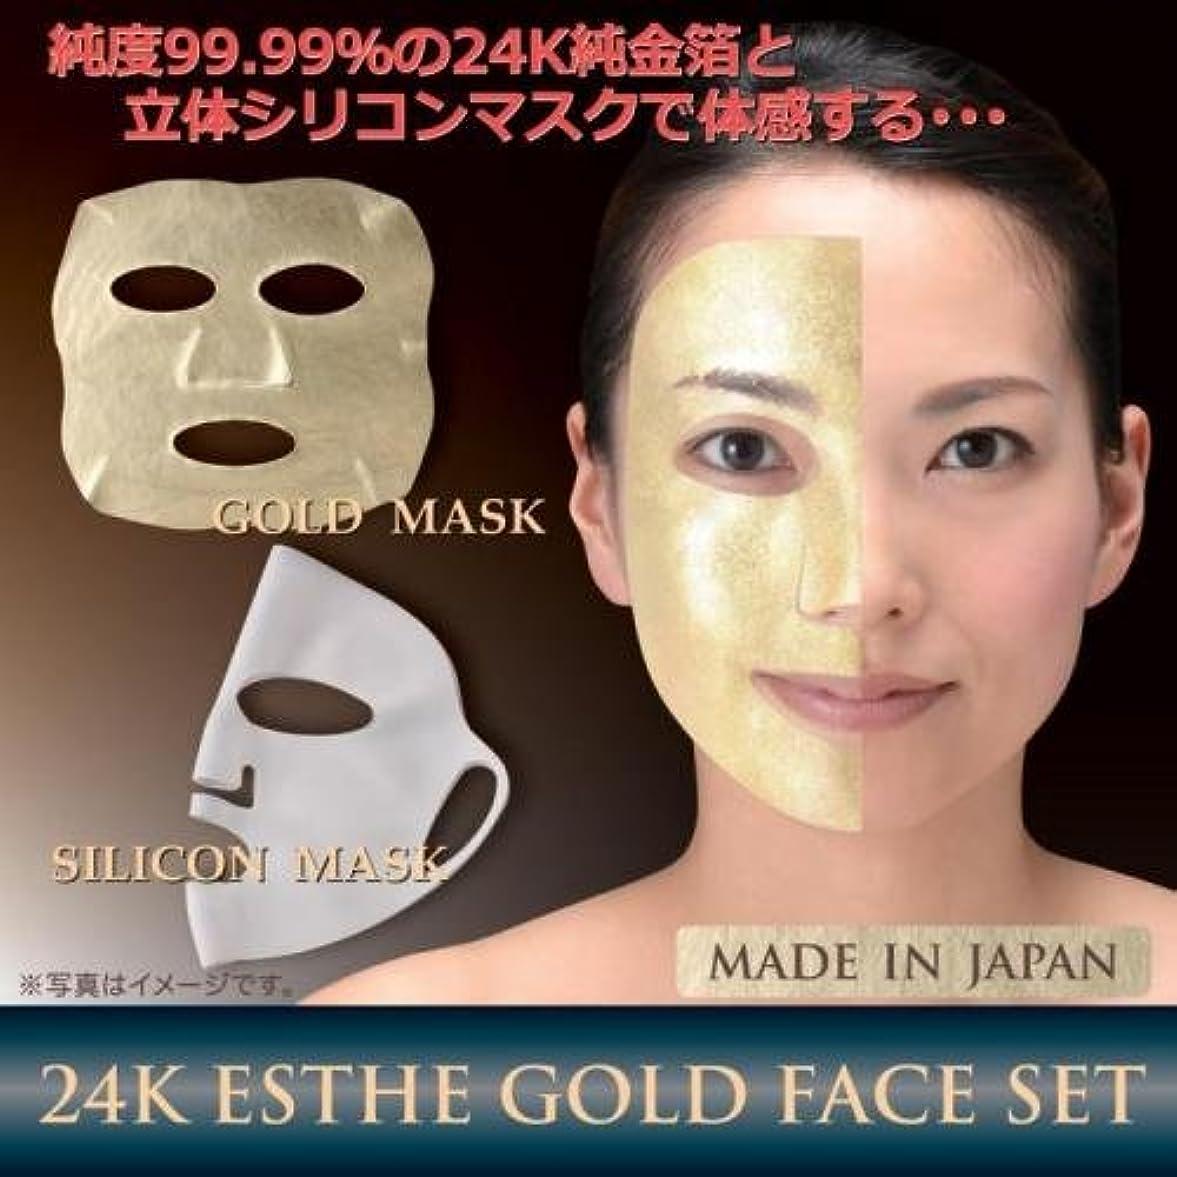 長々とライセンス意味後藤 24K エステゴールドフェイス セット 金箔マスク×1、シリコンマスク×1